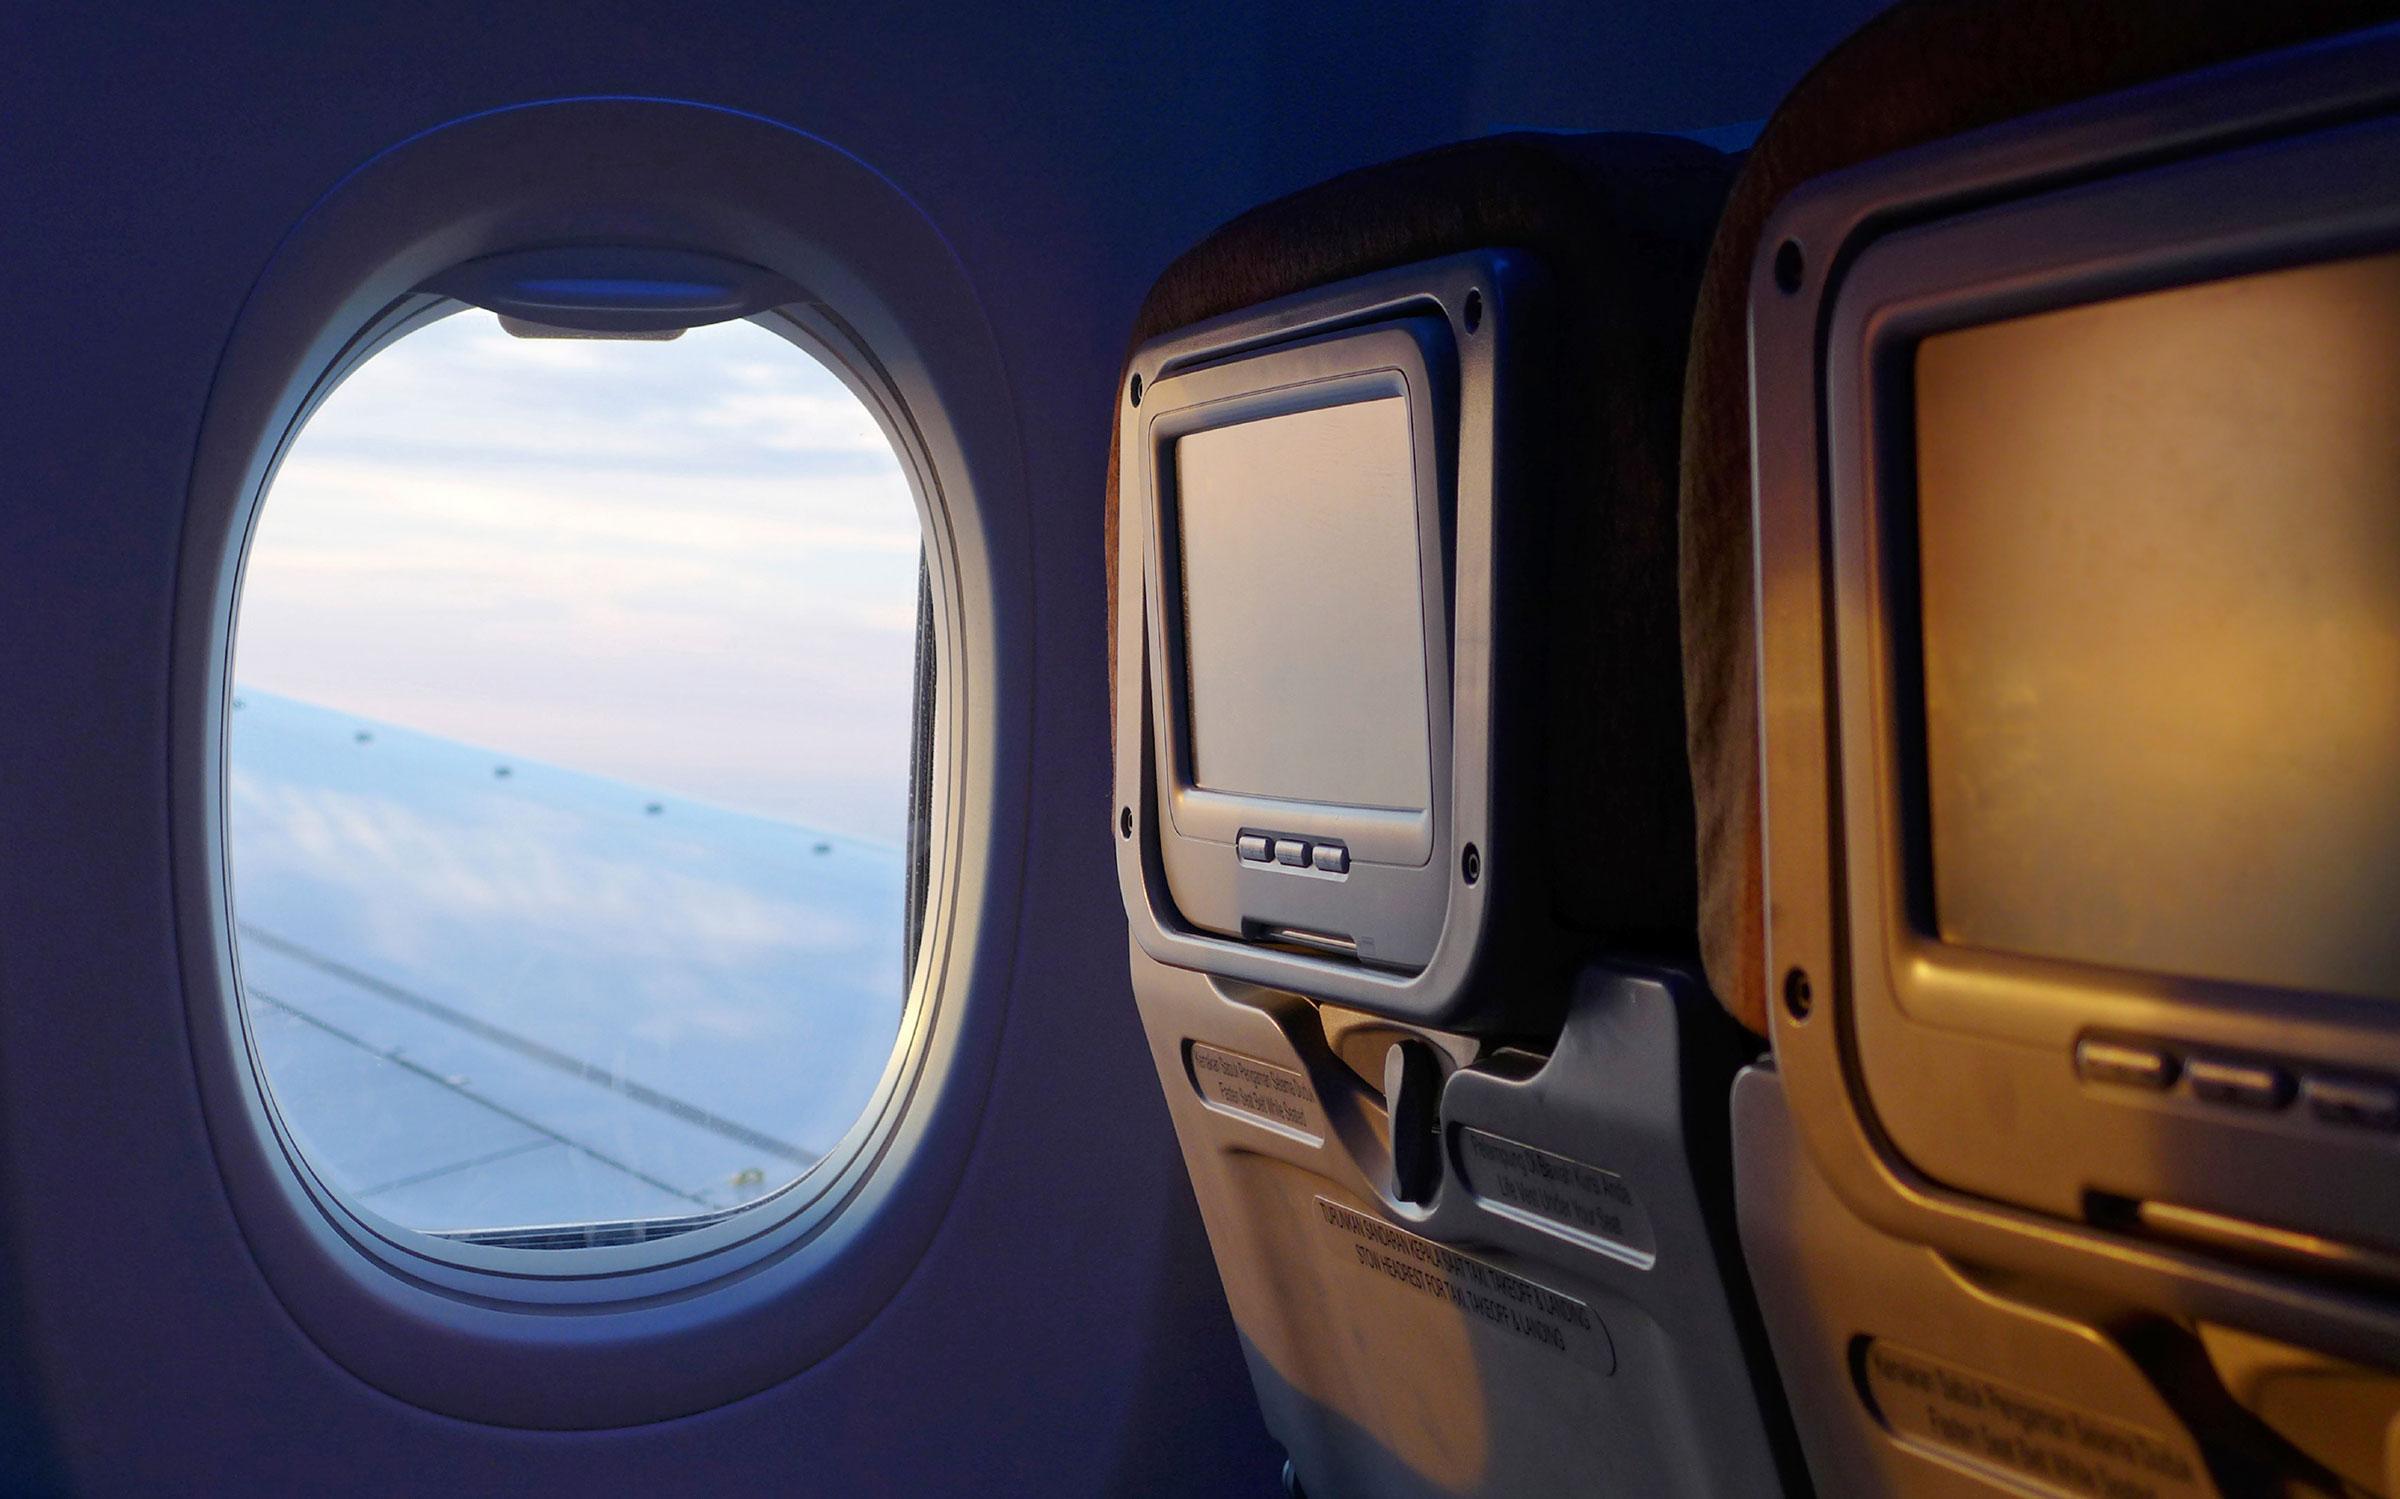 пляжу почти можно ли фотографировать в самолете на телефон несмотря